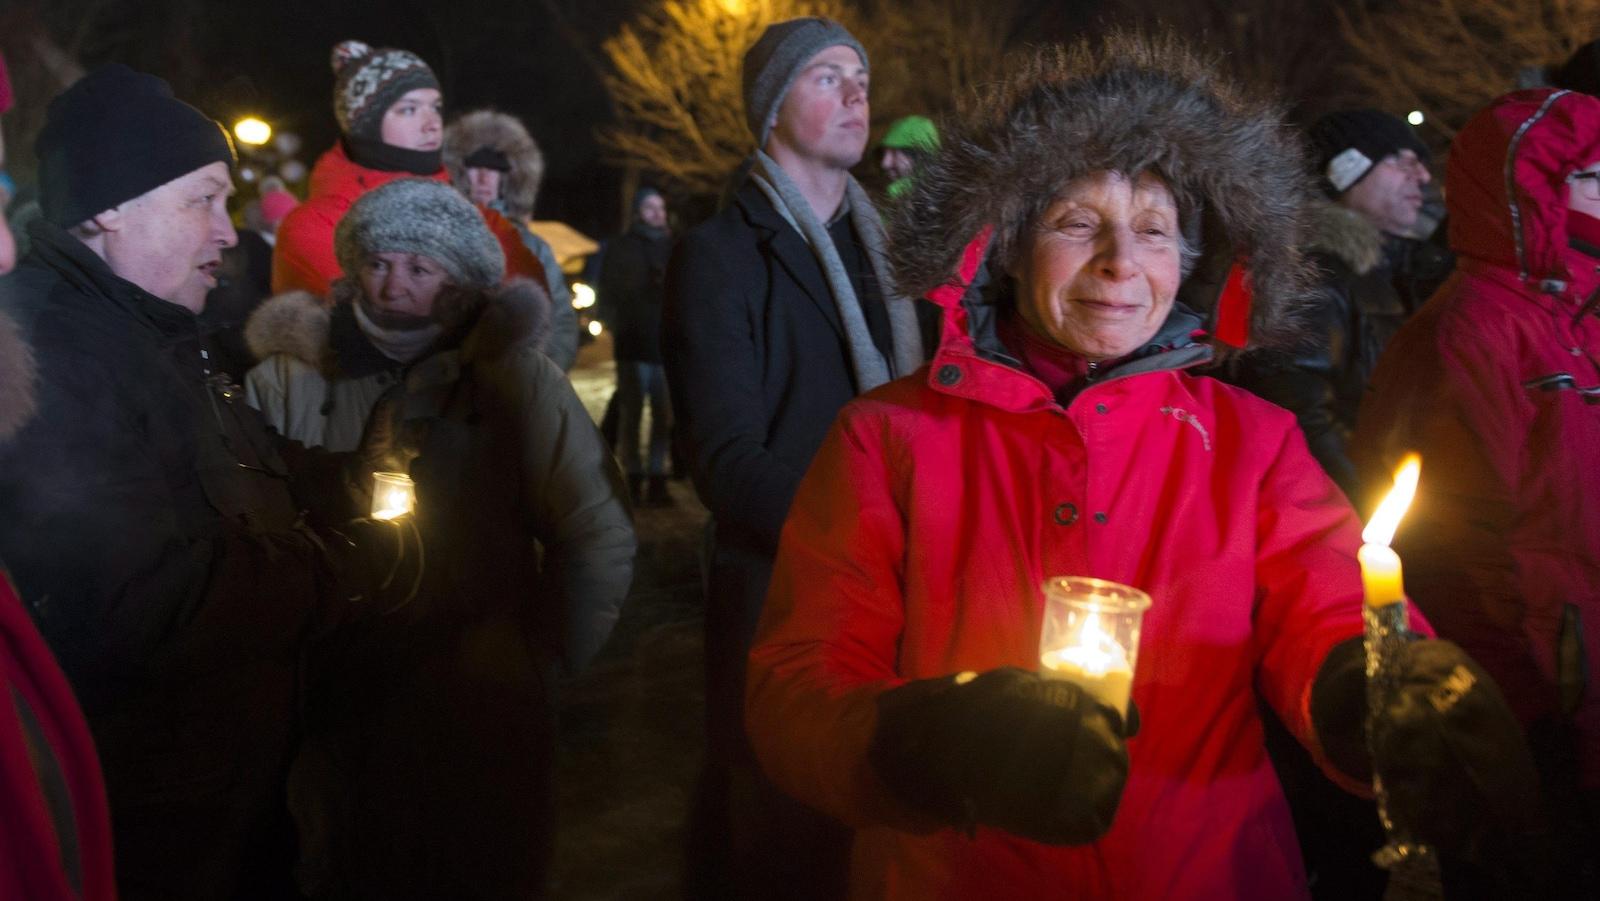 Des citoyens tenaient des chandelles pour rendre hommage aux victimes.